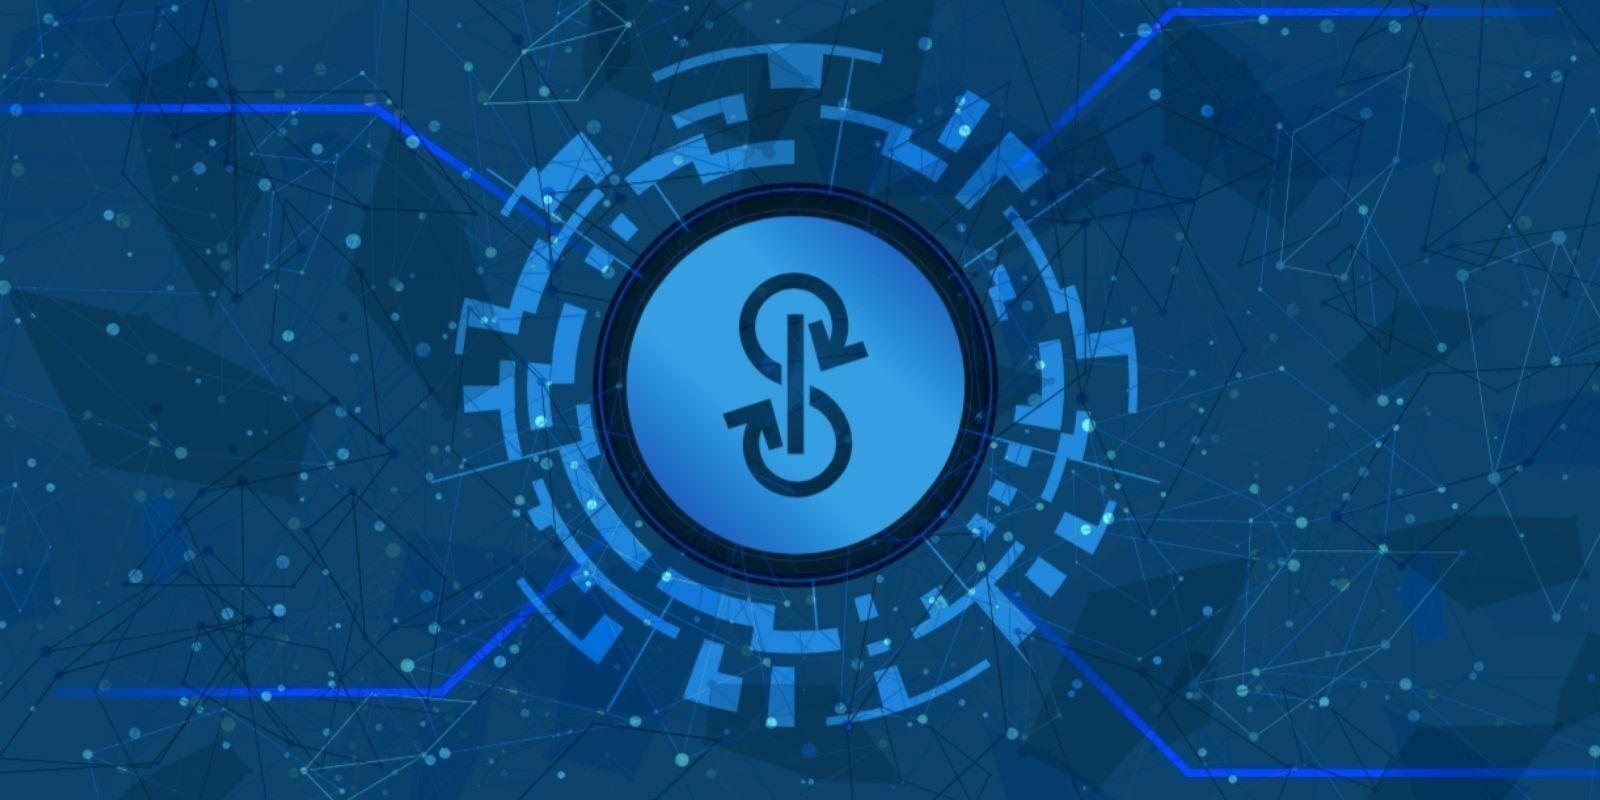 YFI annonce un nouveau protocole de prêt et son listing sur Coinbase Pro